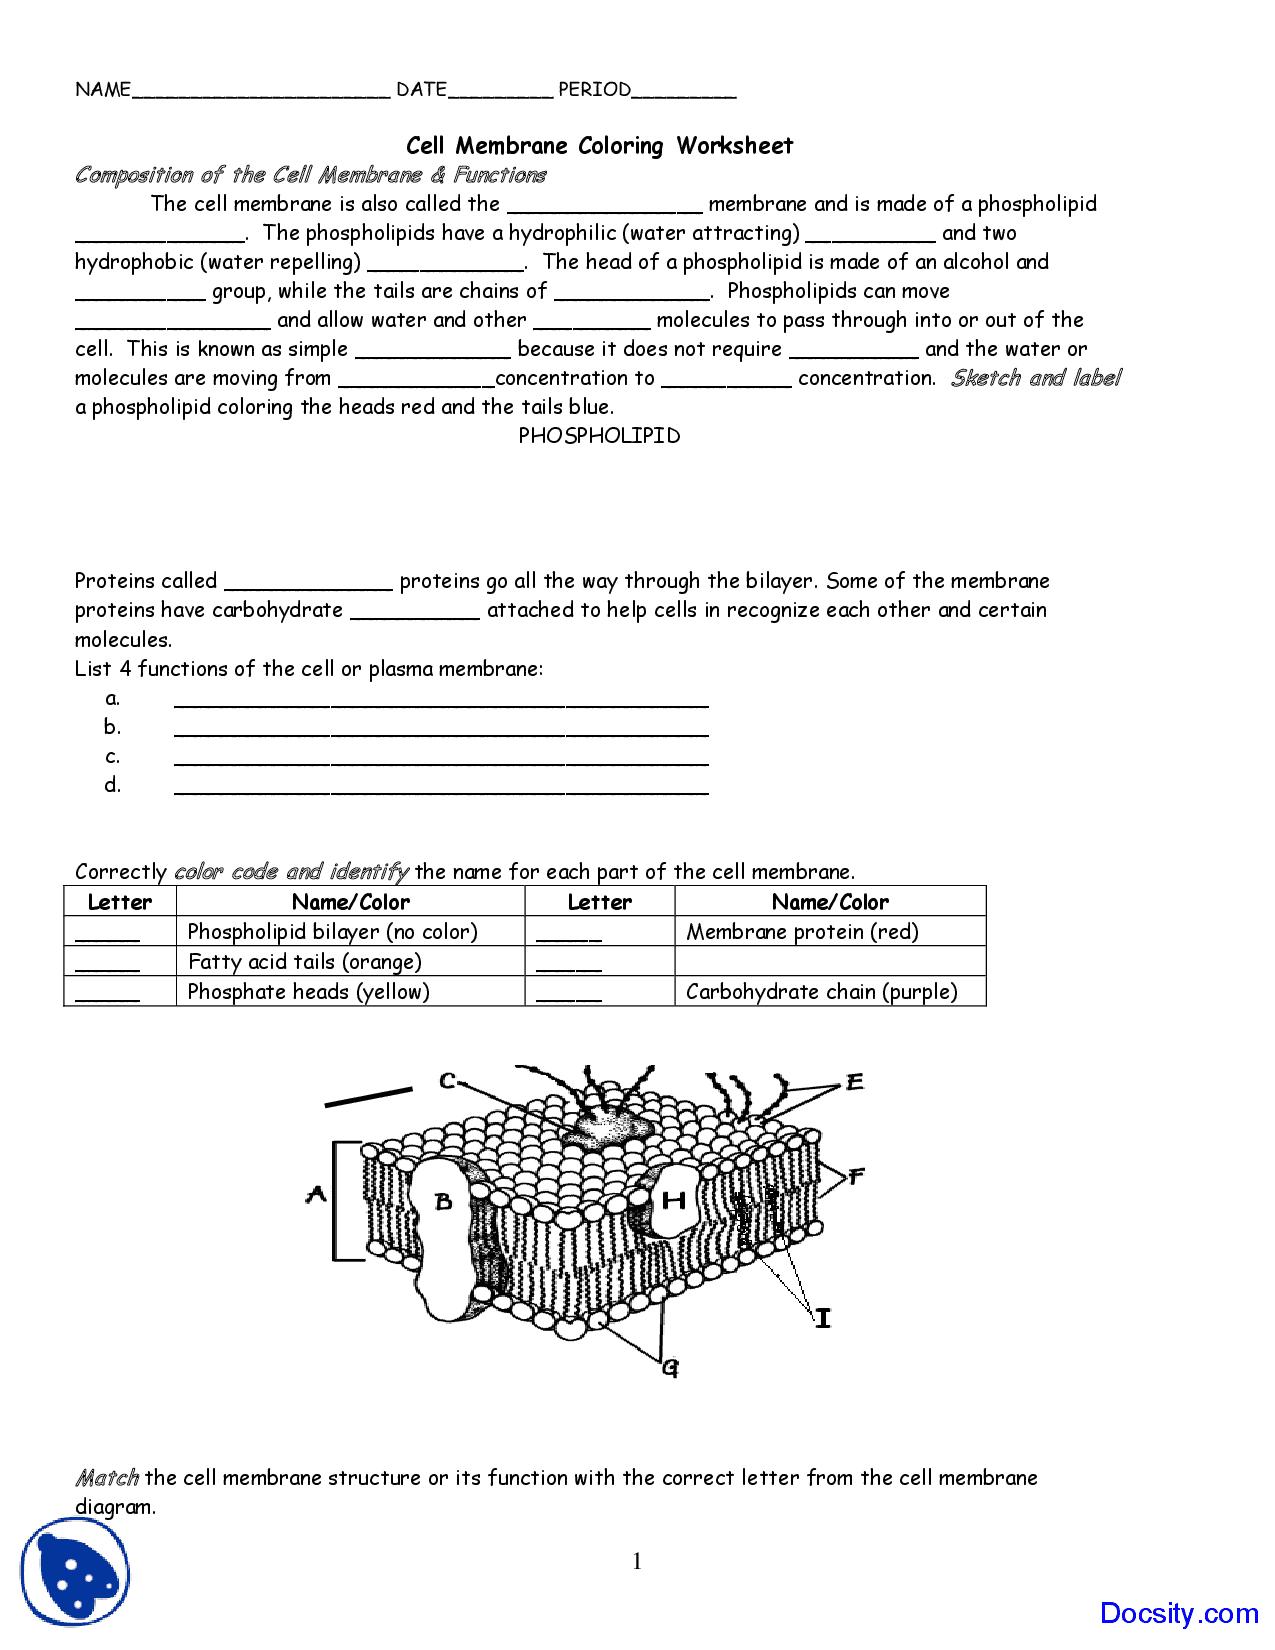 Plasma Membrane Diagram Worksheet